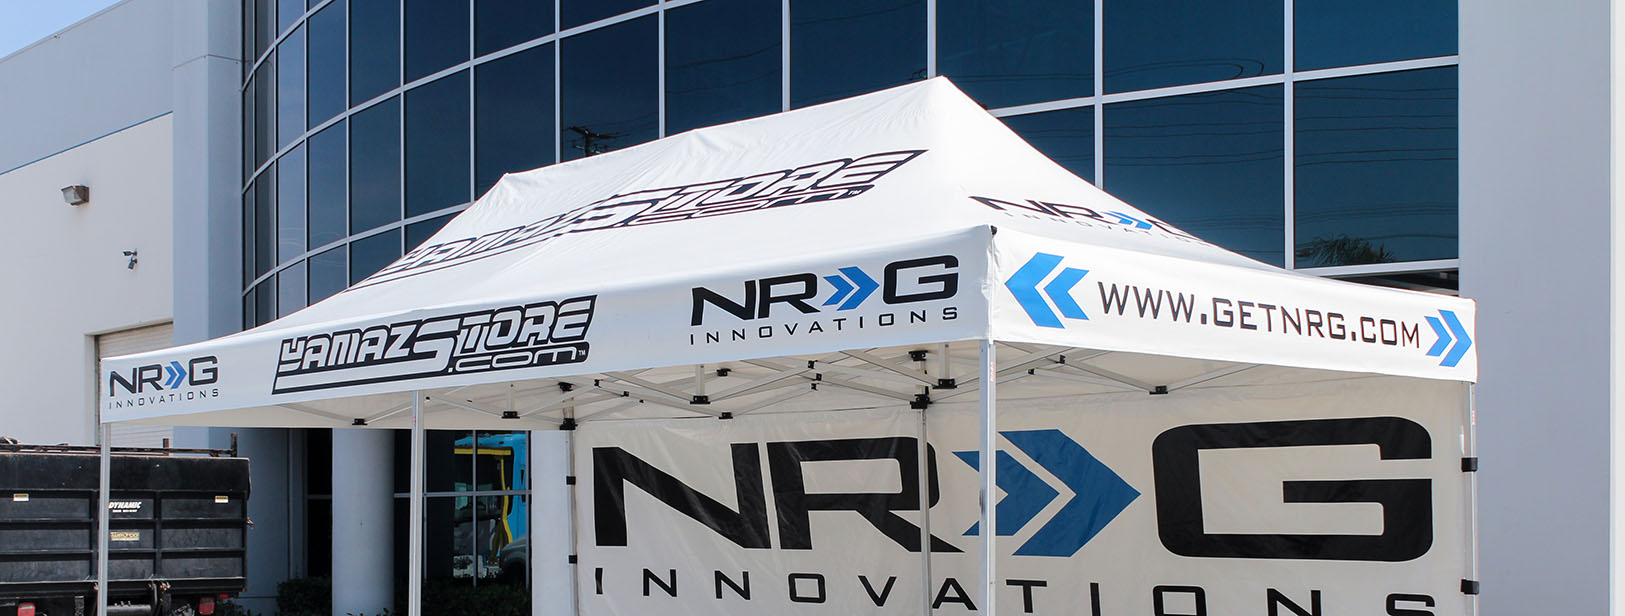 nrg-innovations-header.jpg